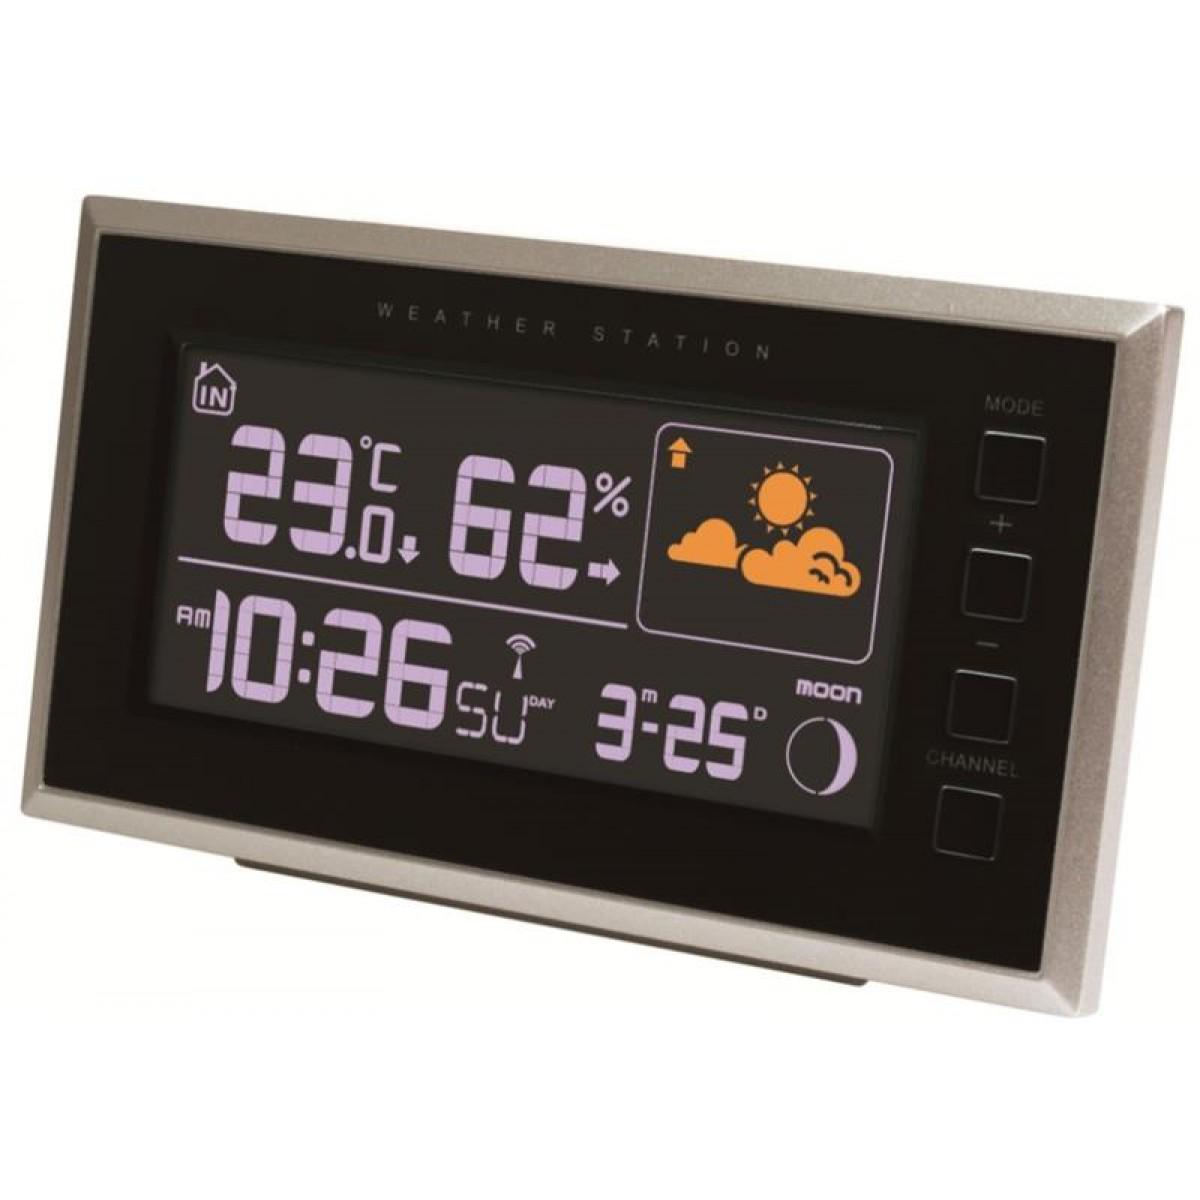 ROSENBORG Vejrstation m/inde og ude temperatur & hygrometer